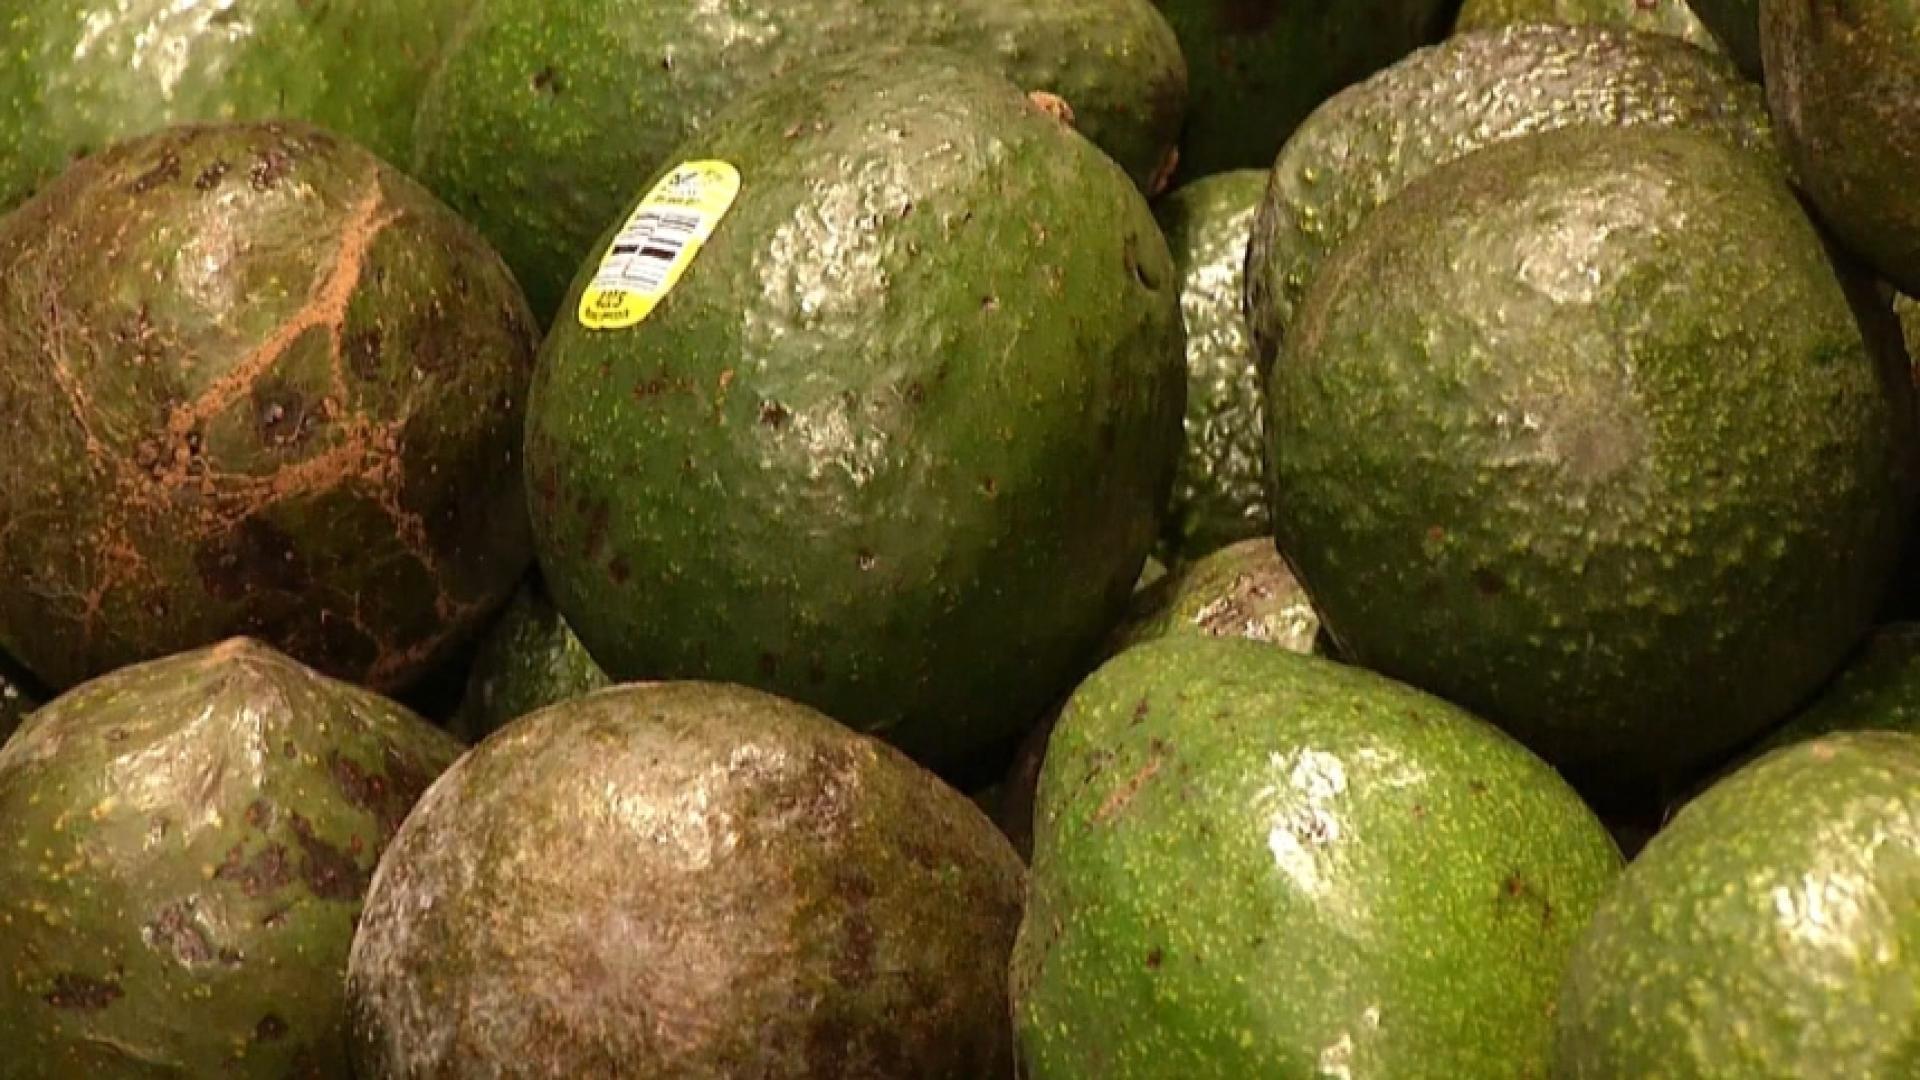 NC_avocado0830_1920x1080_1535737559119.jpg